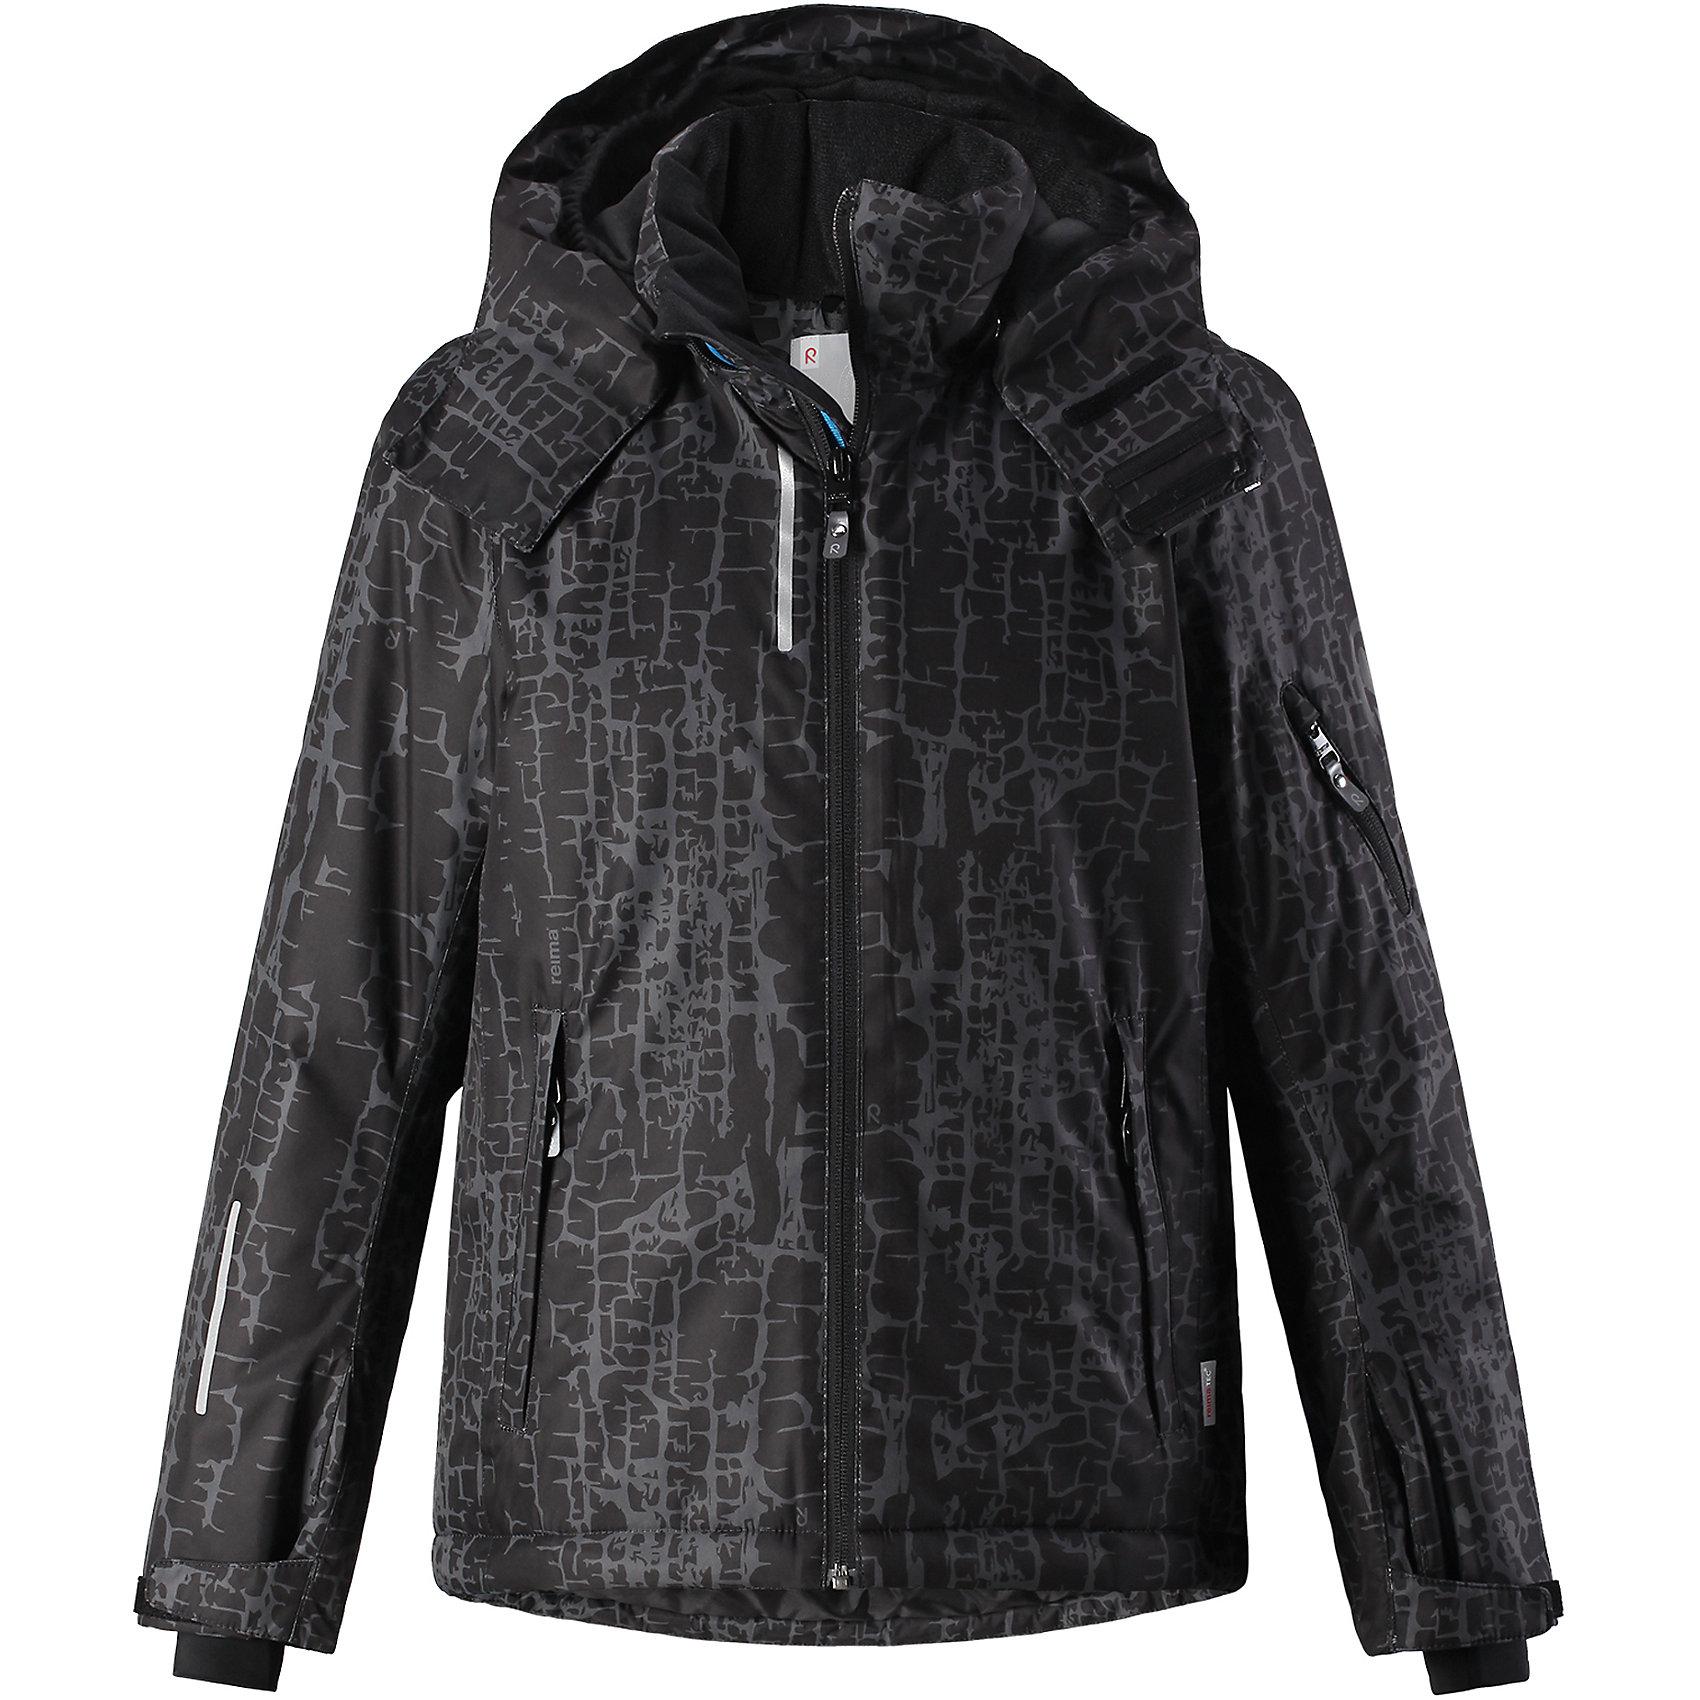 Куртка Reimatec® Reima Detour для мальчикаВерхняя одежда<br>Характеристики товара:<br><br>• цвет: черный;<br>• состав: 100% полиэстер;<br>• подкладка: 100% полиэстер;<br>• утеплитель: 140 г/м2;<br>• сезон: зима;<br>• температурный режим: от 0 до -20С;<br>• водонепроницаемость: 5000 мм;<br>• воздухопроницаемость: 4000 мм;<br>• износостойкость: 15000 циклов (тест Мартиндейла);<br>• водо- и ветронепроницаемый, дышащий и грязеотталкивающий материал;<br>• основные швы проклеены и водонепроницаемы;<br>• застежка: молния с защитой подбородка;<br>• гладкая подкладка из полиэстера;<br>• безопасный съемный и регулируемый капюшон;<br>• регулируемые манжеты и внутренние манжеты из лайкры;<br>• регулируемый подол, снегозащитный манжет на талии;<br>• карманы на молнии, карман для skipass на рукаве;<br>• карман для очков, внутренний нагрудный карман;<br>• светоотражающие детали;<br>• страна бренда: Финляндия;<br>• страна изготовитель: Китай.<br><br>Детская непромокаемая зимняя куртка изготовлена из ветронепроницаемого, дышащего материала с верхним водо и грязеотталкивающим слоем. Основные швы в куртке проклеены и водонепроницаемы, поэтому никакой дождь не помешает веселым зимним играм на свежем воздухе! <br><br>Эта куртка с множеством функциональных деталей, идеально подходит для активного дня на свежем воздухе: регулируемый подол со снежной юбкой не пропустит внутрь влагу и снег, а регулируемые манжеты с внутренними манжетами из лайкры защищают запястья от холода. <br><br>Карман для лыжной карты на рукаве поможет быстро достать карточку в очереди на подъемник, а в кармане для очков и внутреннем нагрудном кармане можно носить лыжные очки. Съемный и регулируемый капюшон защищает от пронизывающего ветра, к тому же он абсолютно безопасен на лыжном склоне – легко отстегнется, если вдруг за что-нибудь зацепится. <br><br>Куртку Detour для мальчика Reimatec® Reima от финского бренда Reima (Рейма) можно купить в нашем интернет-магазине.<br><br>Ширина мм: 356<br>Глубина мм: 10<br>Высота мм